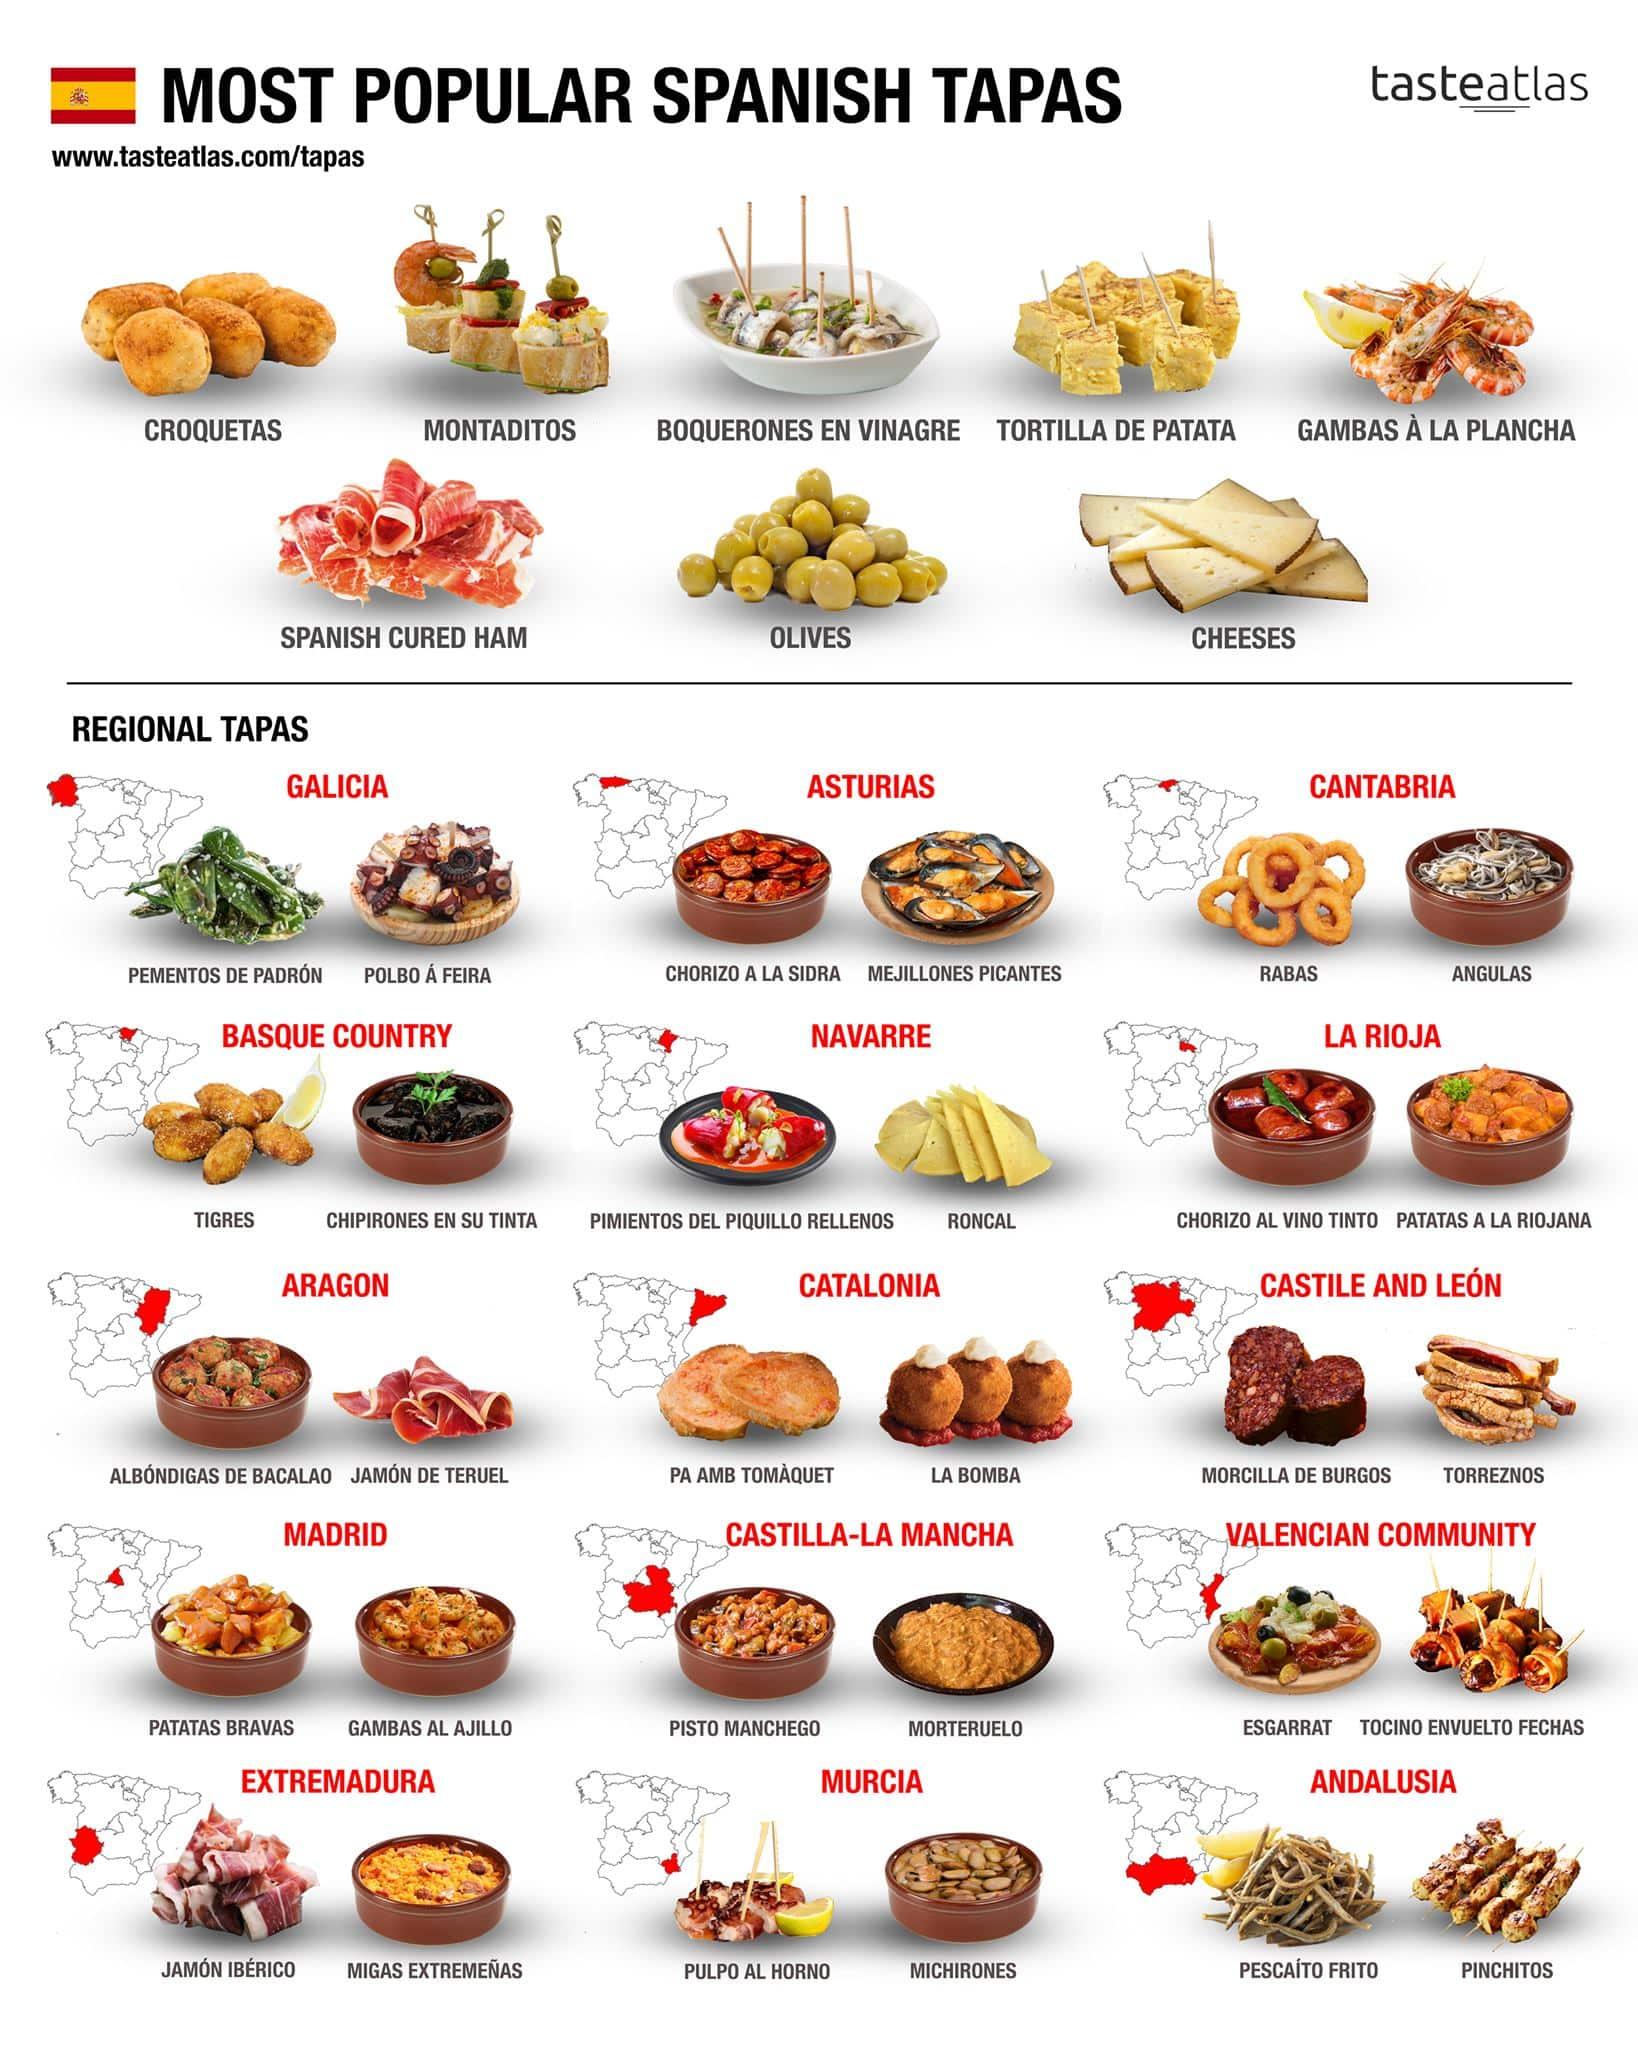 De populairste tapas per Spaanse regio